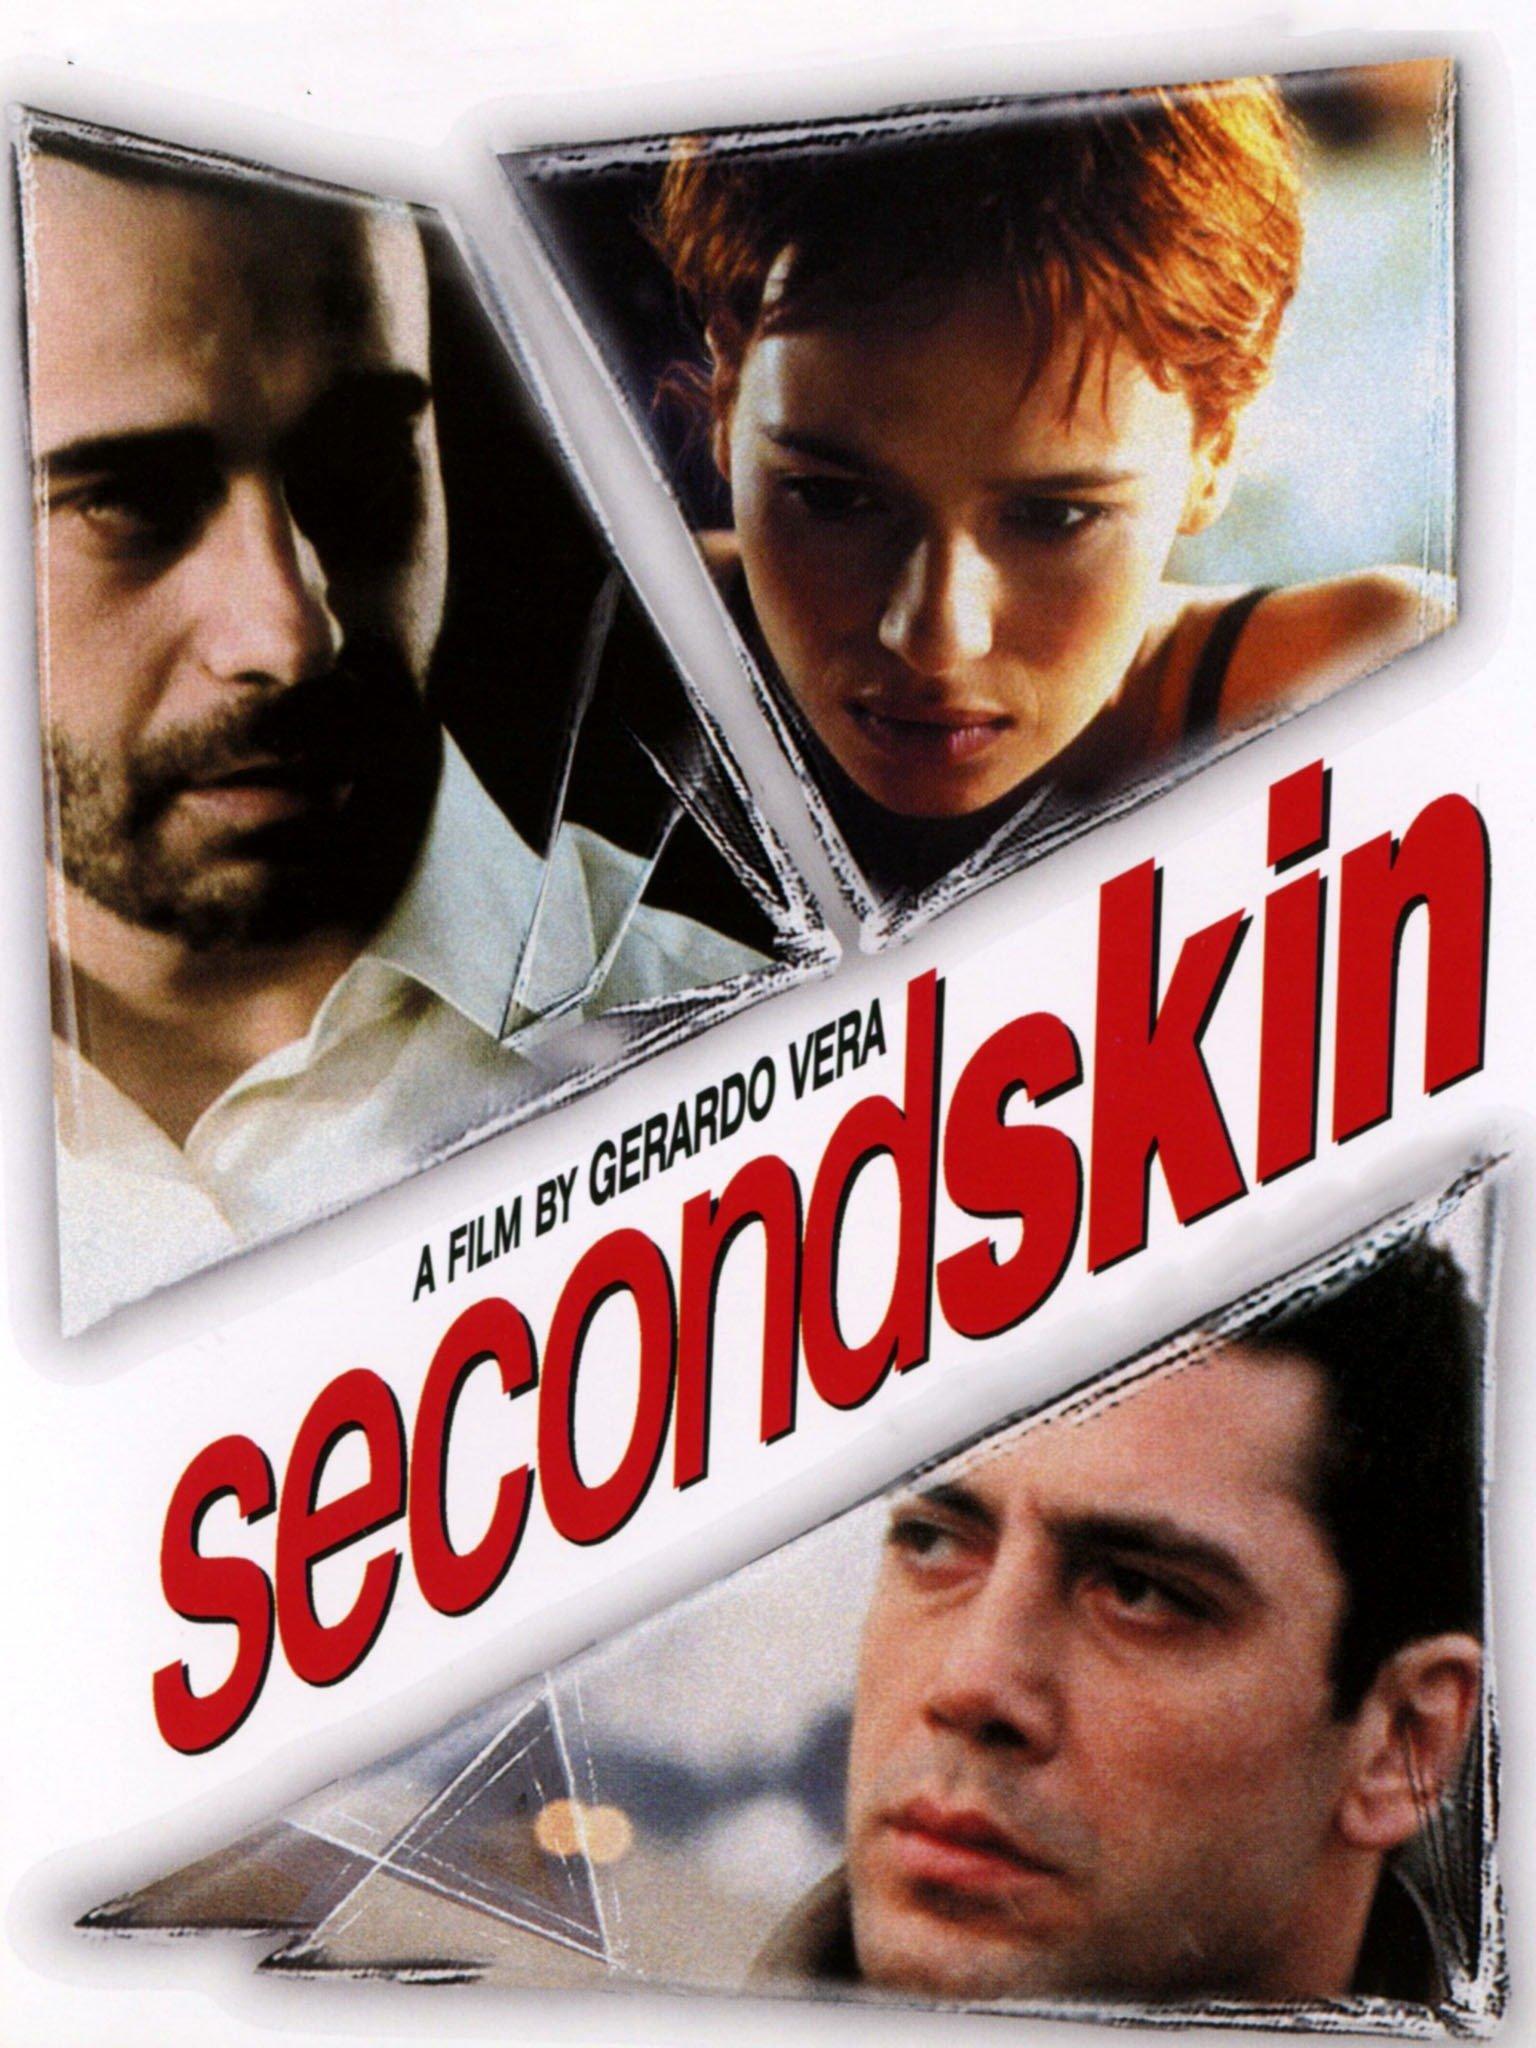 Segunda Piel (Second Skin)